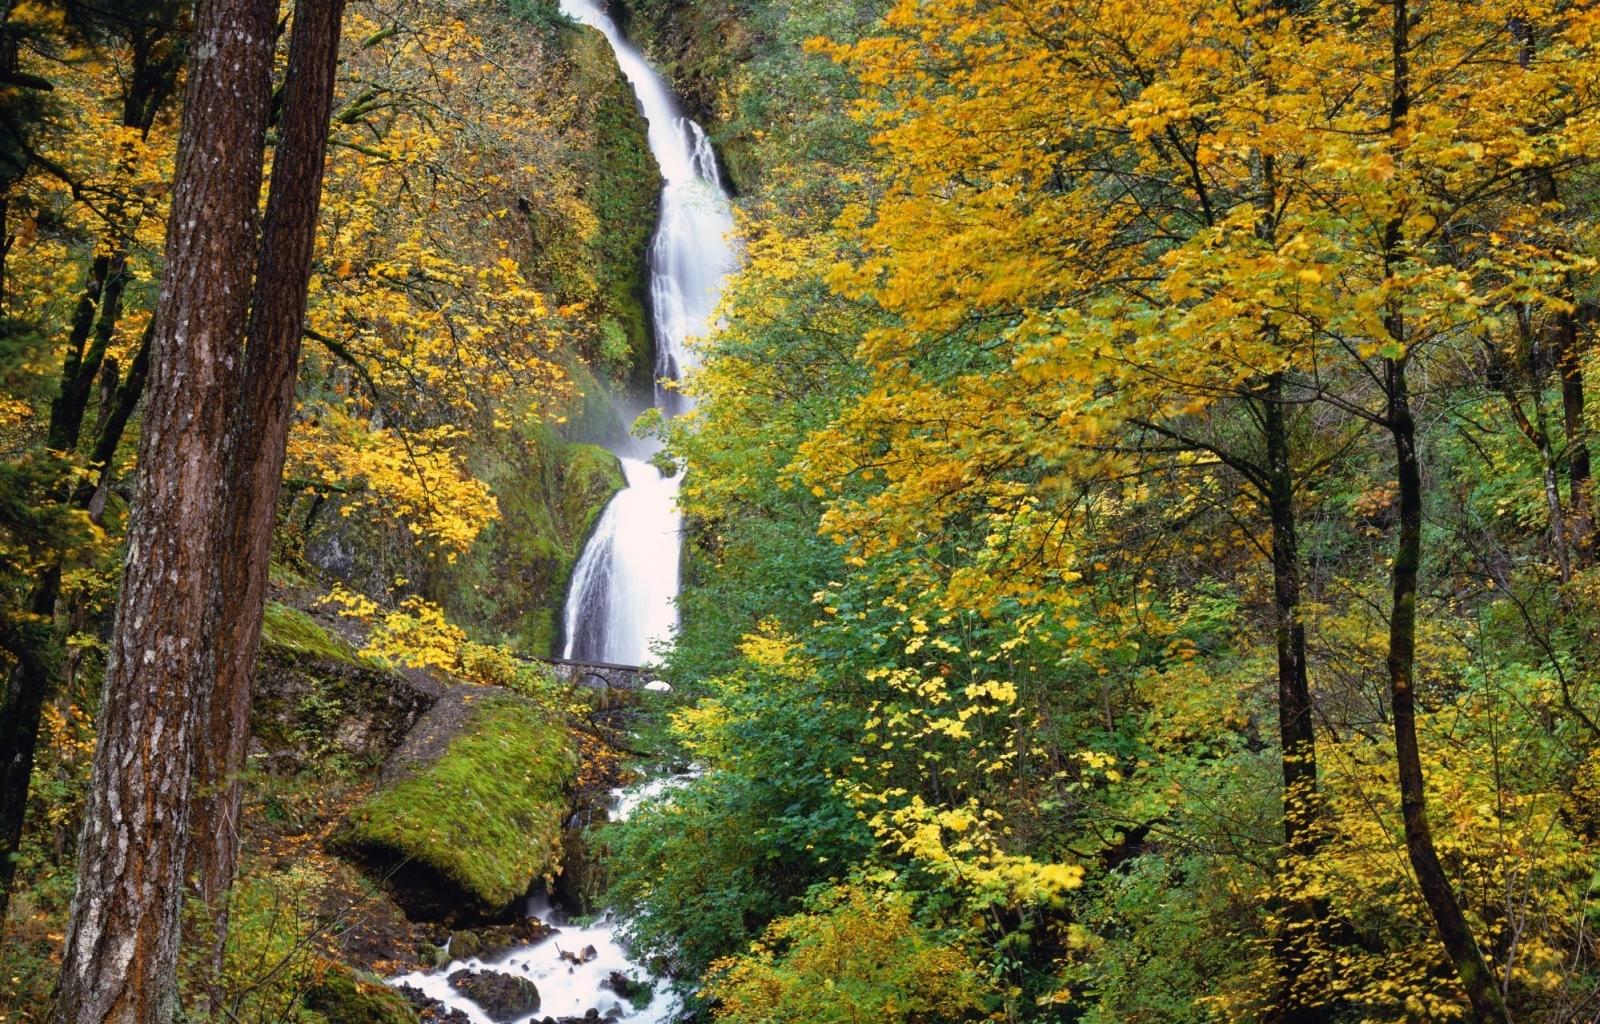 Скачать картинку Пейзаж, Деревья, Осень, Водопады в телефон бесплатно.